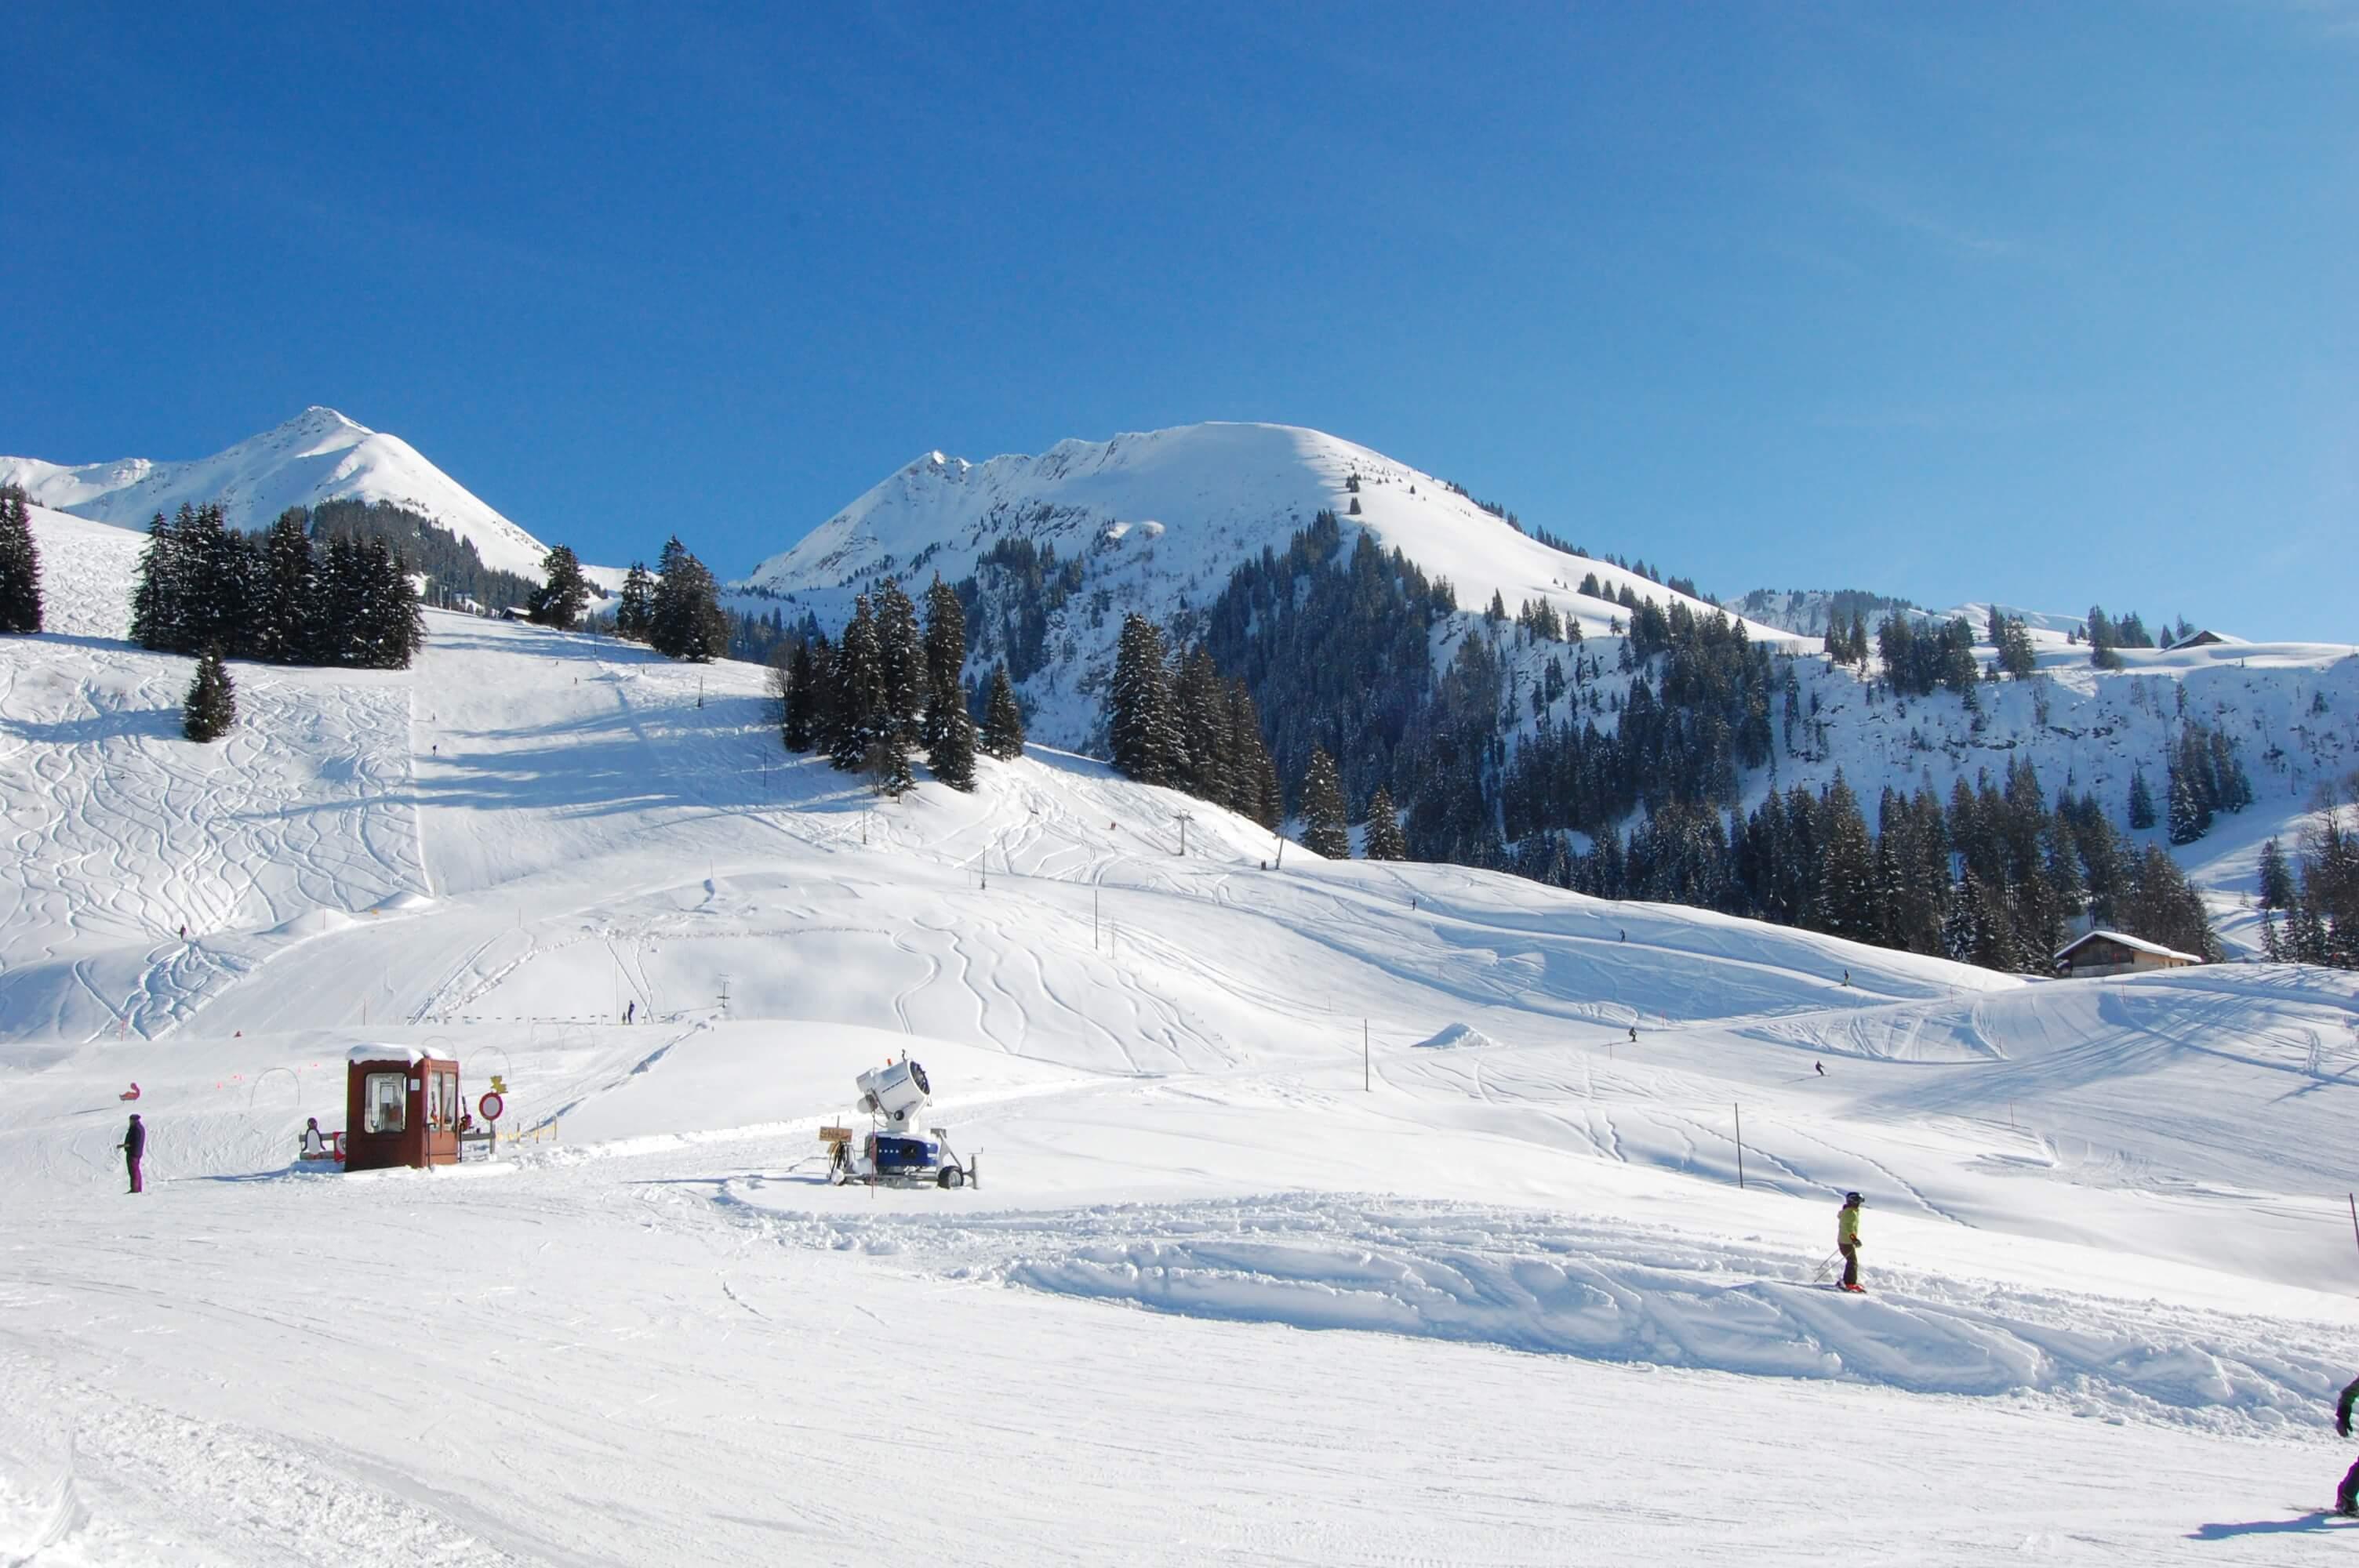 Skiegebiet Springenboden mit Blick auf die verschneiten Berge